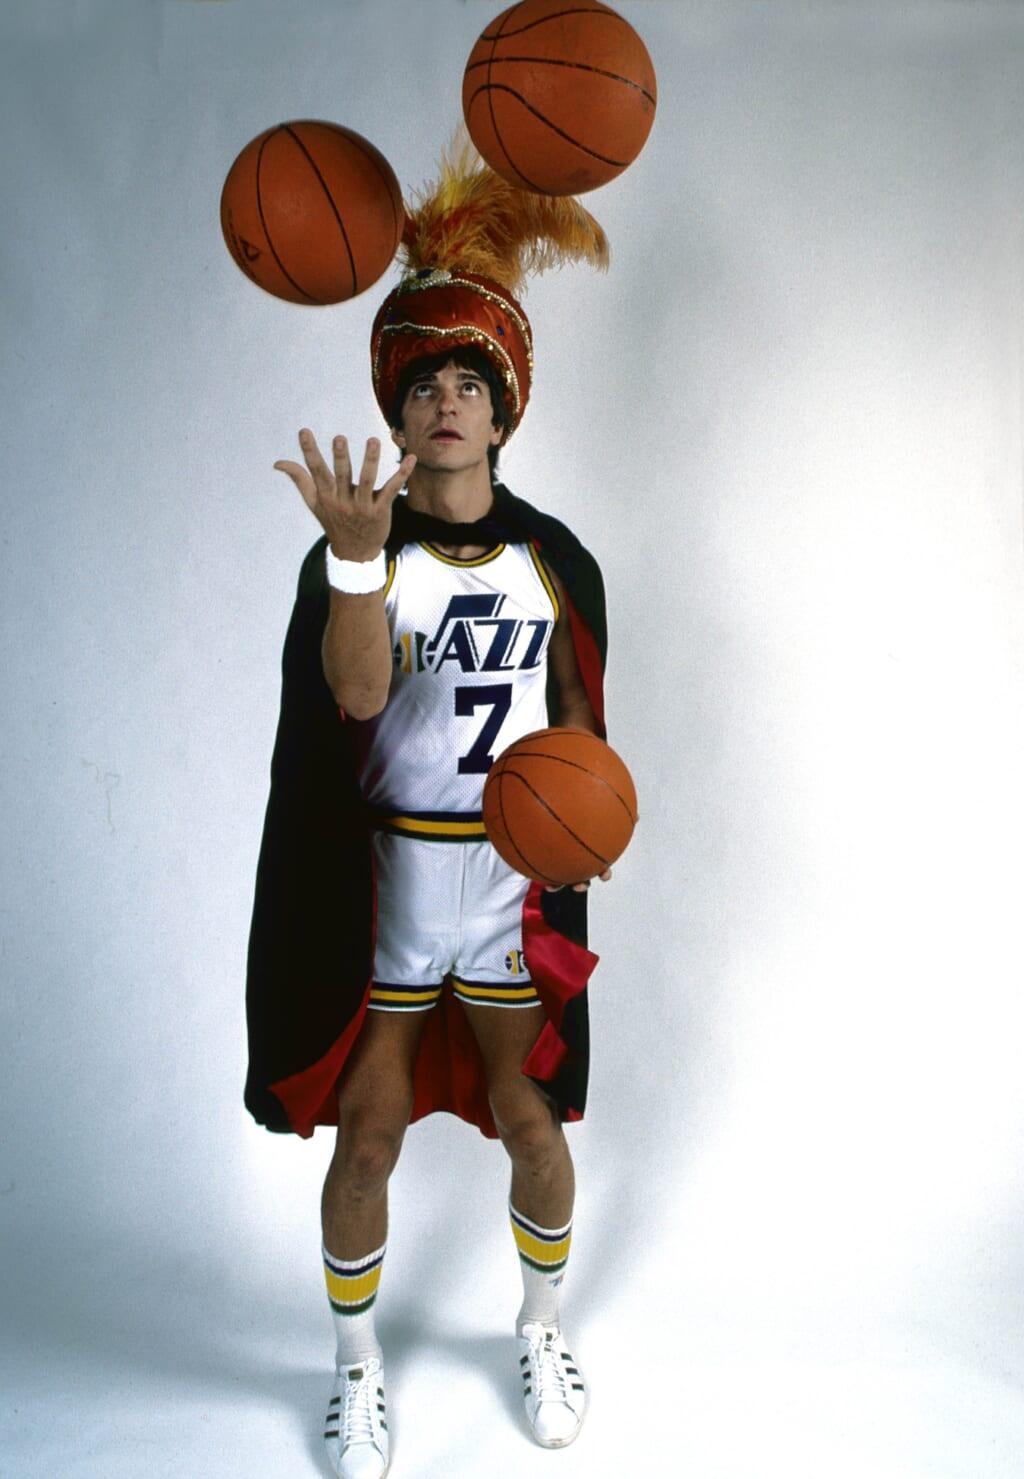 Single-game NBA scoring records: Utah Jazz, Pete Maravich